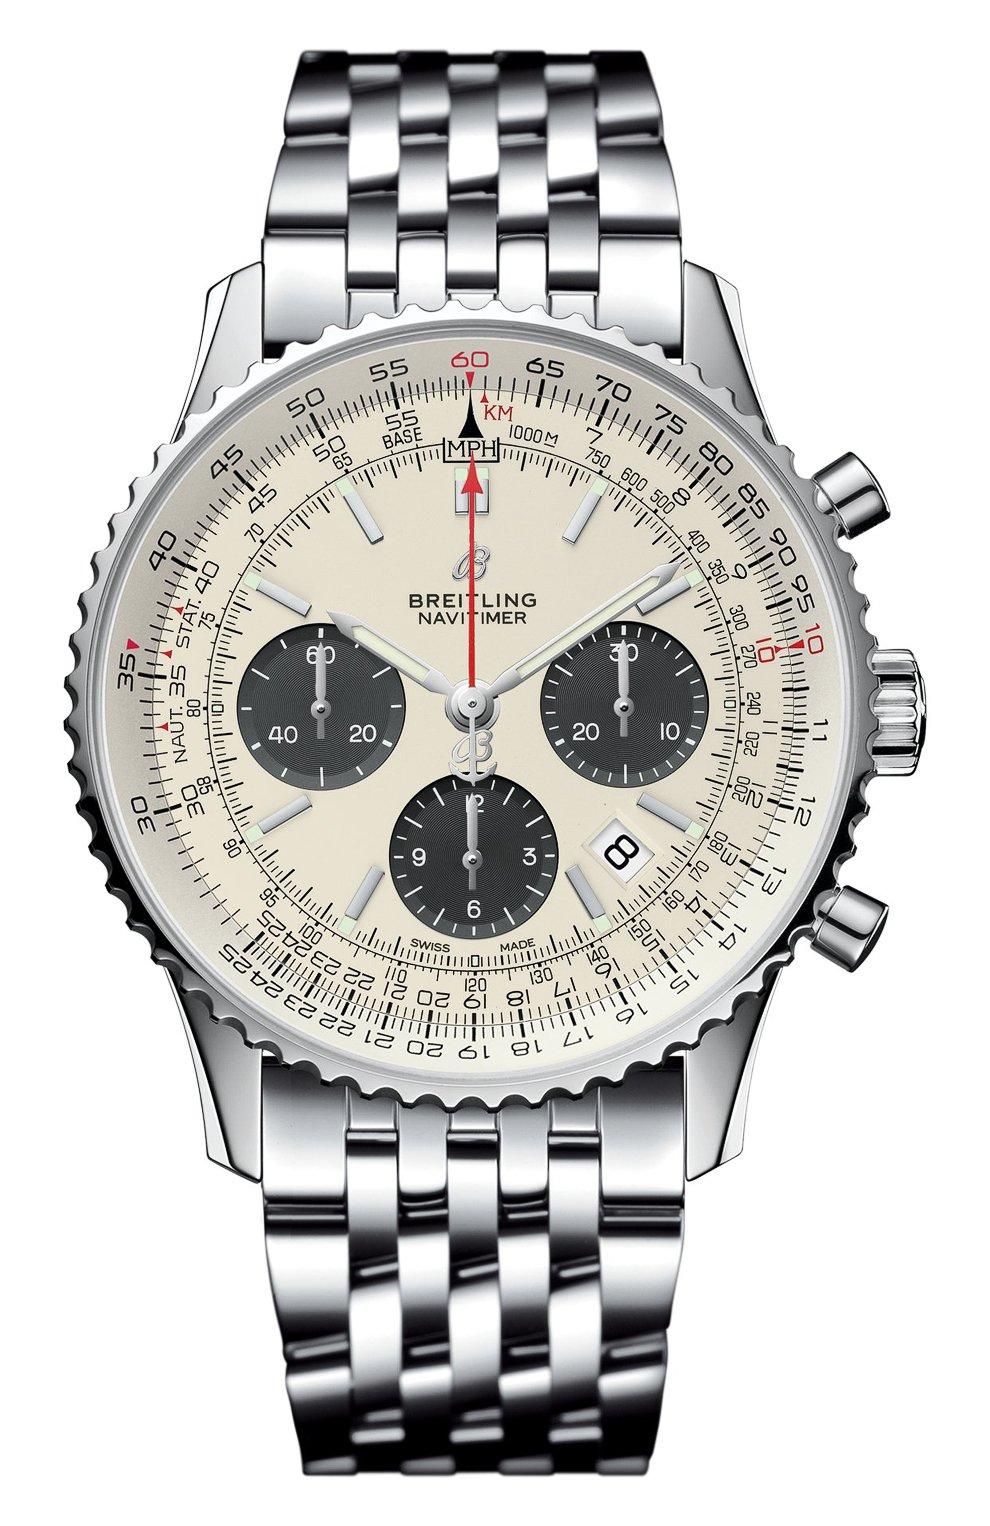 Мужские часы b01 chronograph 43 BREITLING бесцветного цвета, арт. AB0121211G1A1 | Фото 1 (Механизм: Автомат; Материал корпуса: Сталь; Цвет циферблата: Серебристый)